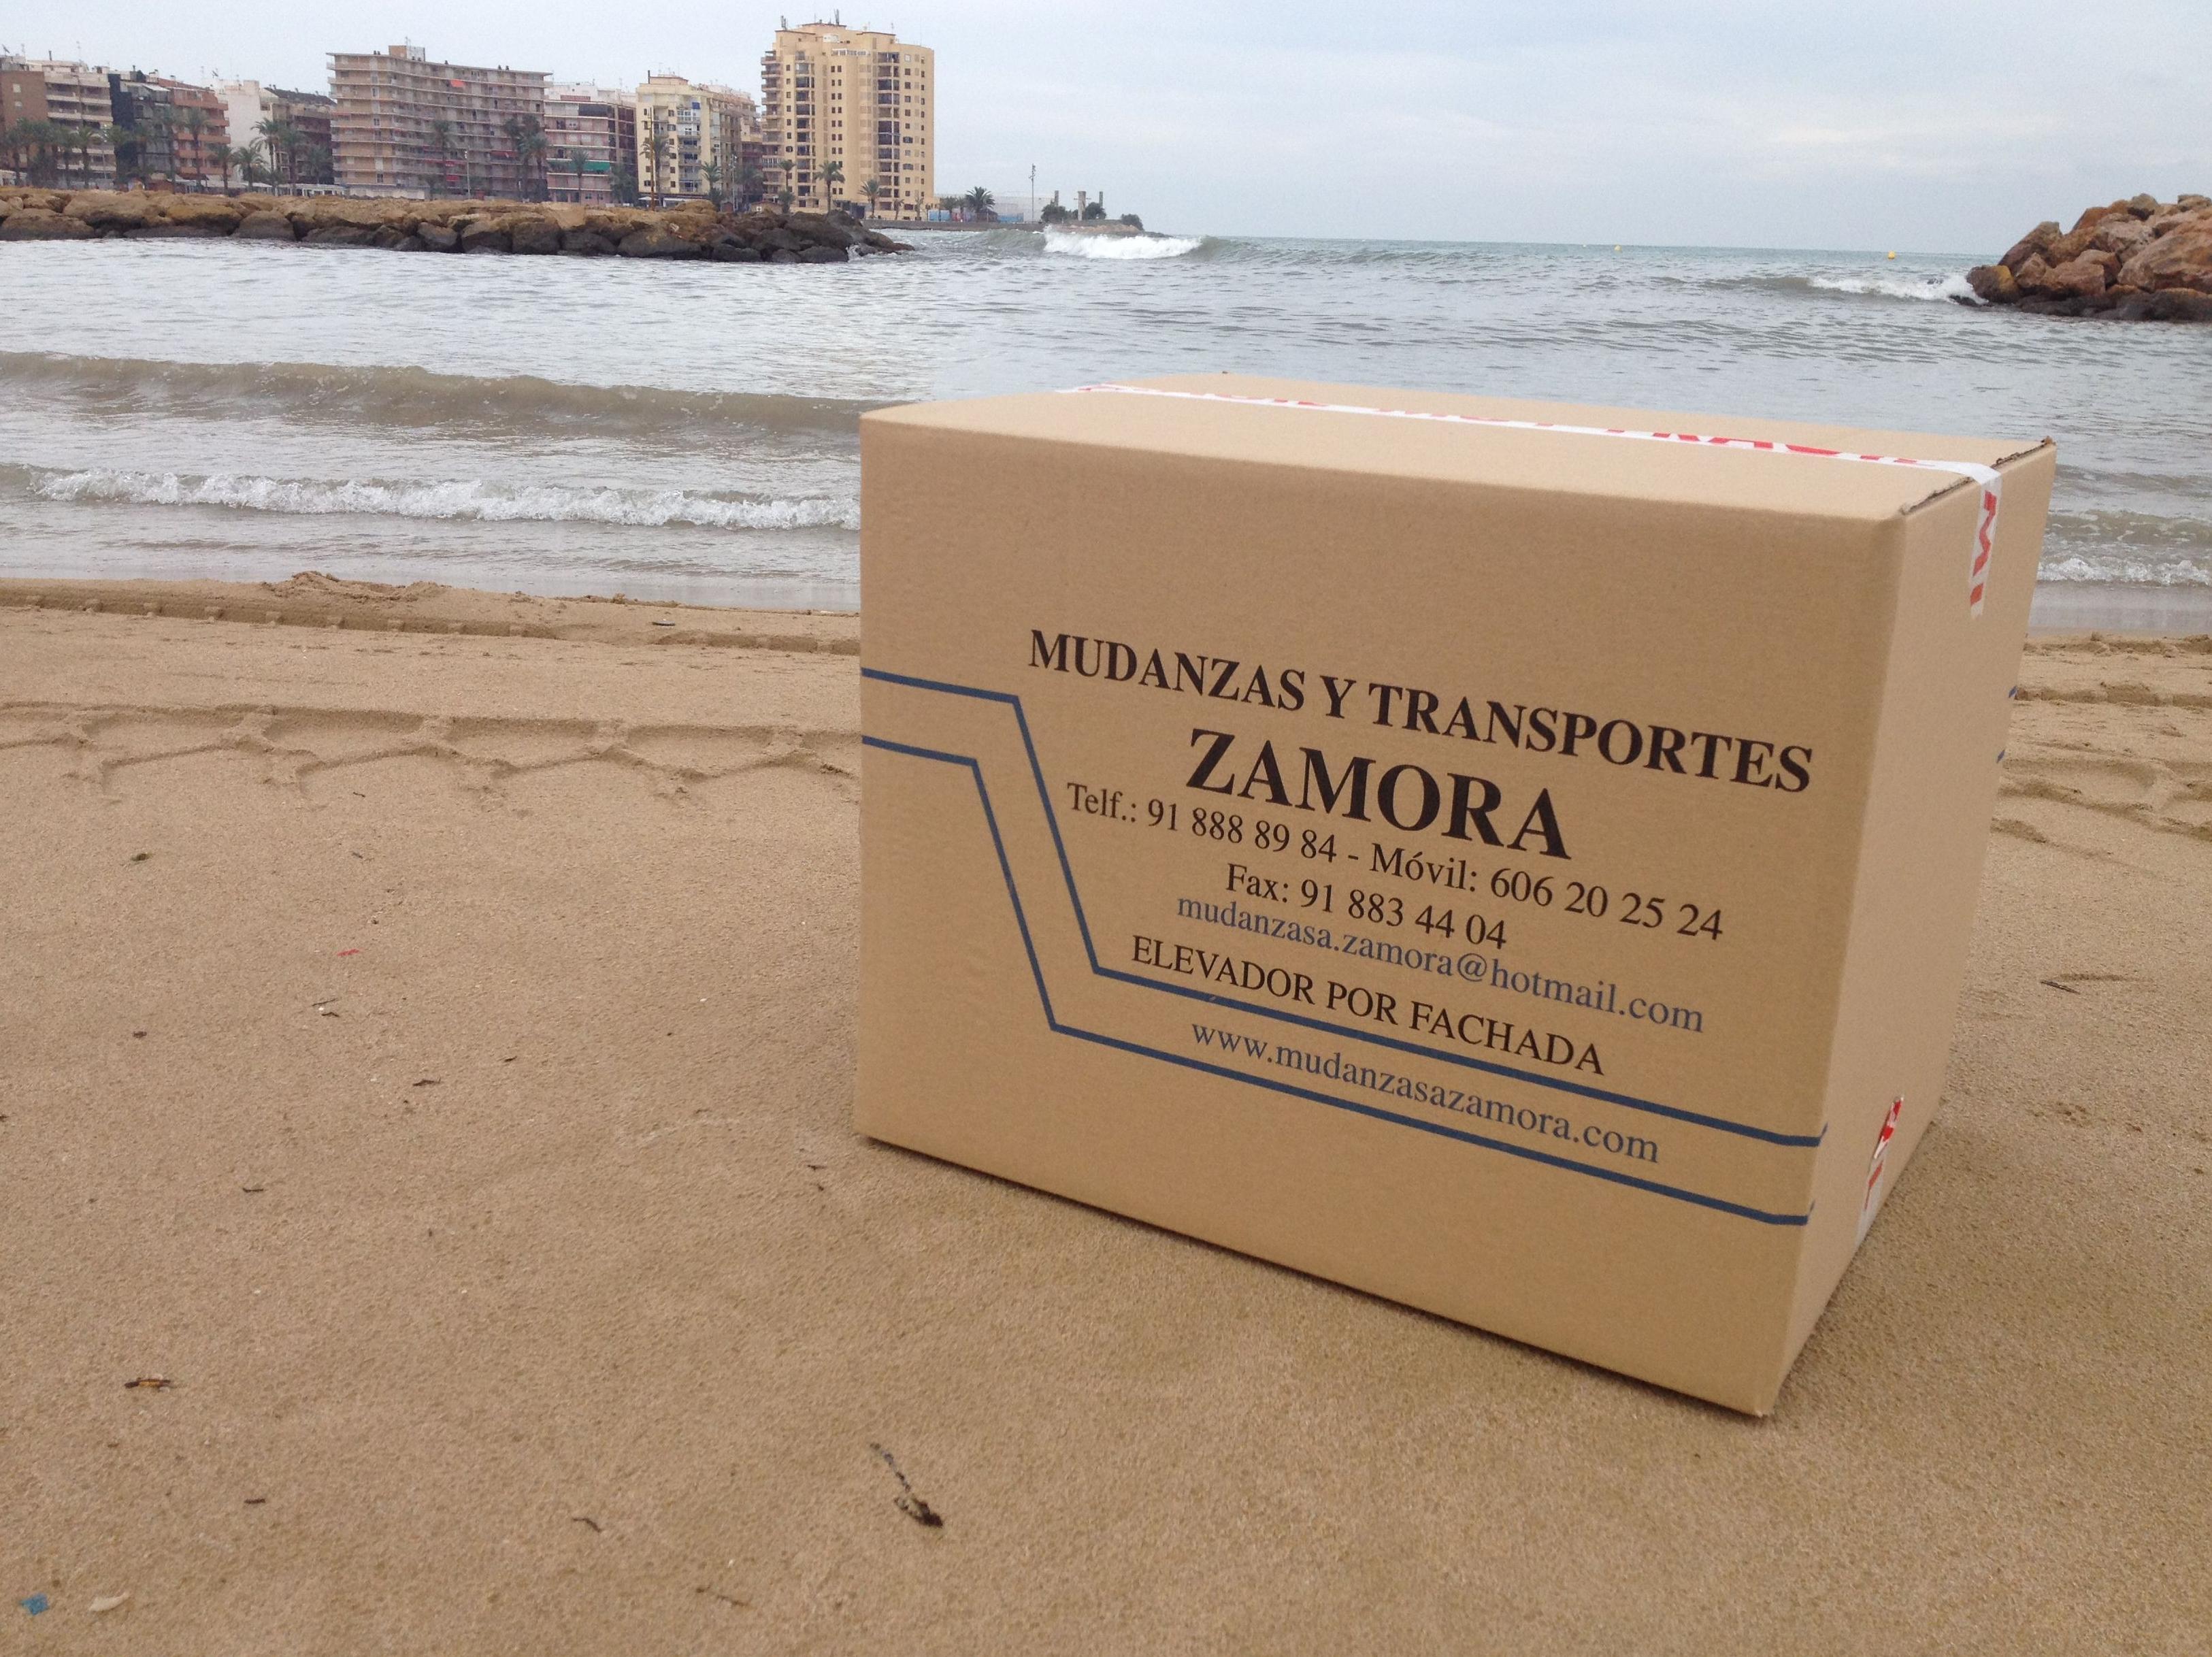 Foto 33 de Mudanzas y guardamuebles en Alcalá de Henares | Mudanzas Zamora